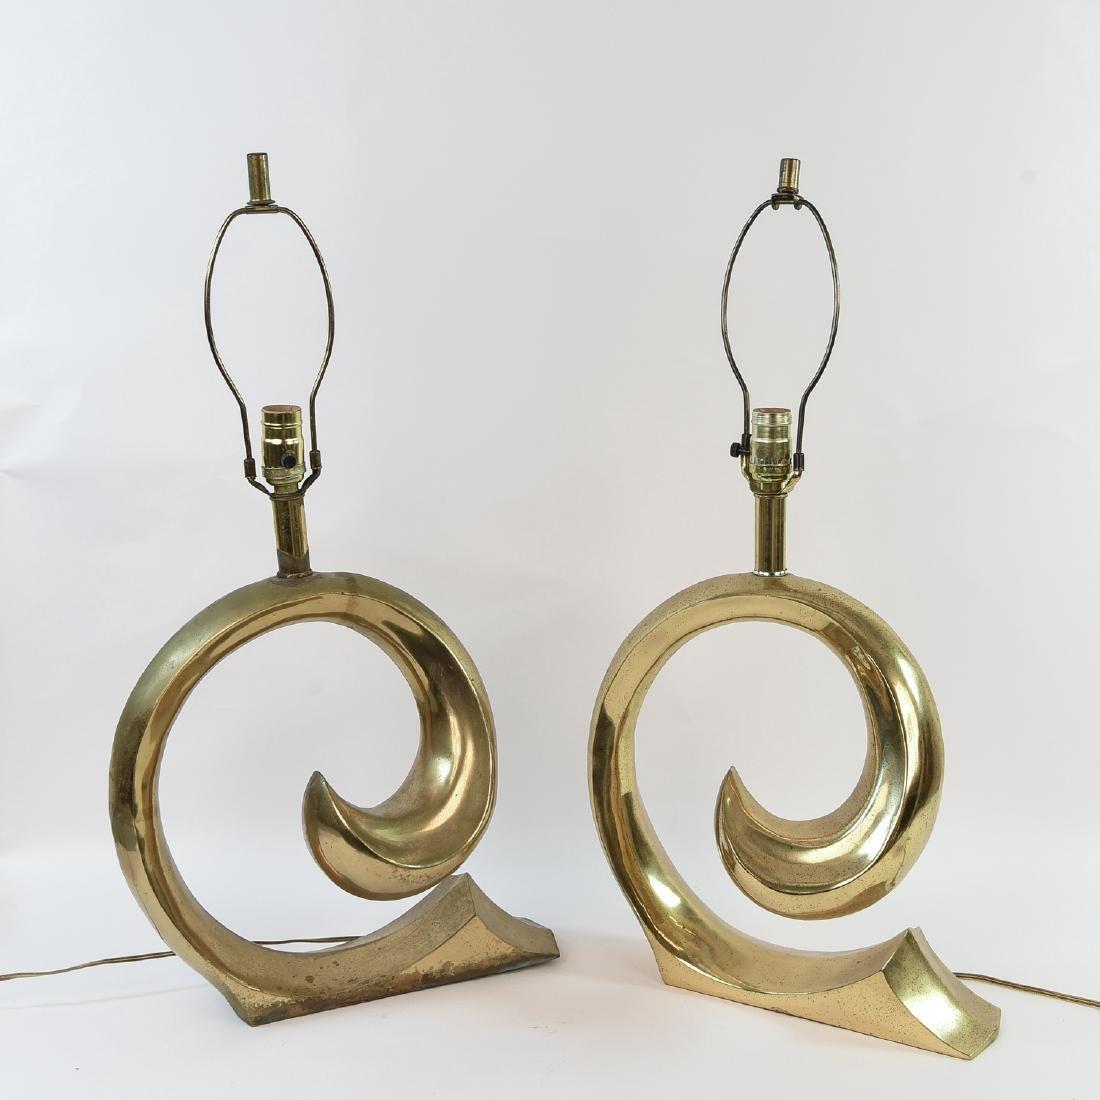 PIERRE CARDIN BRASS SWOOSH LAMPS